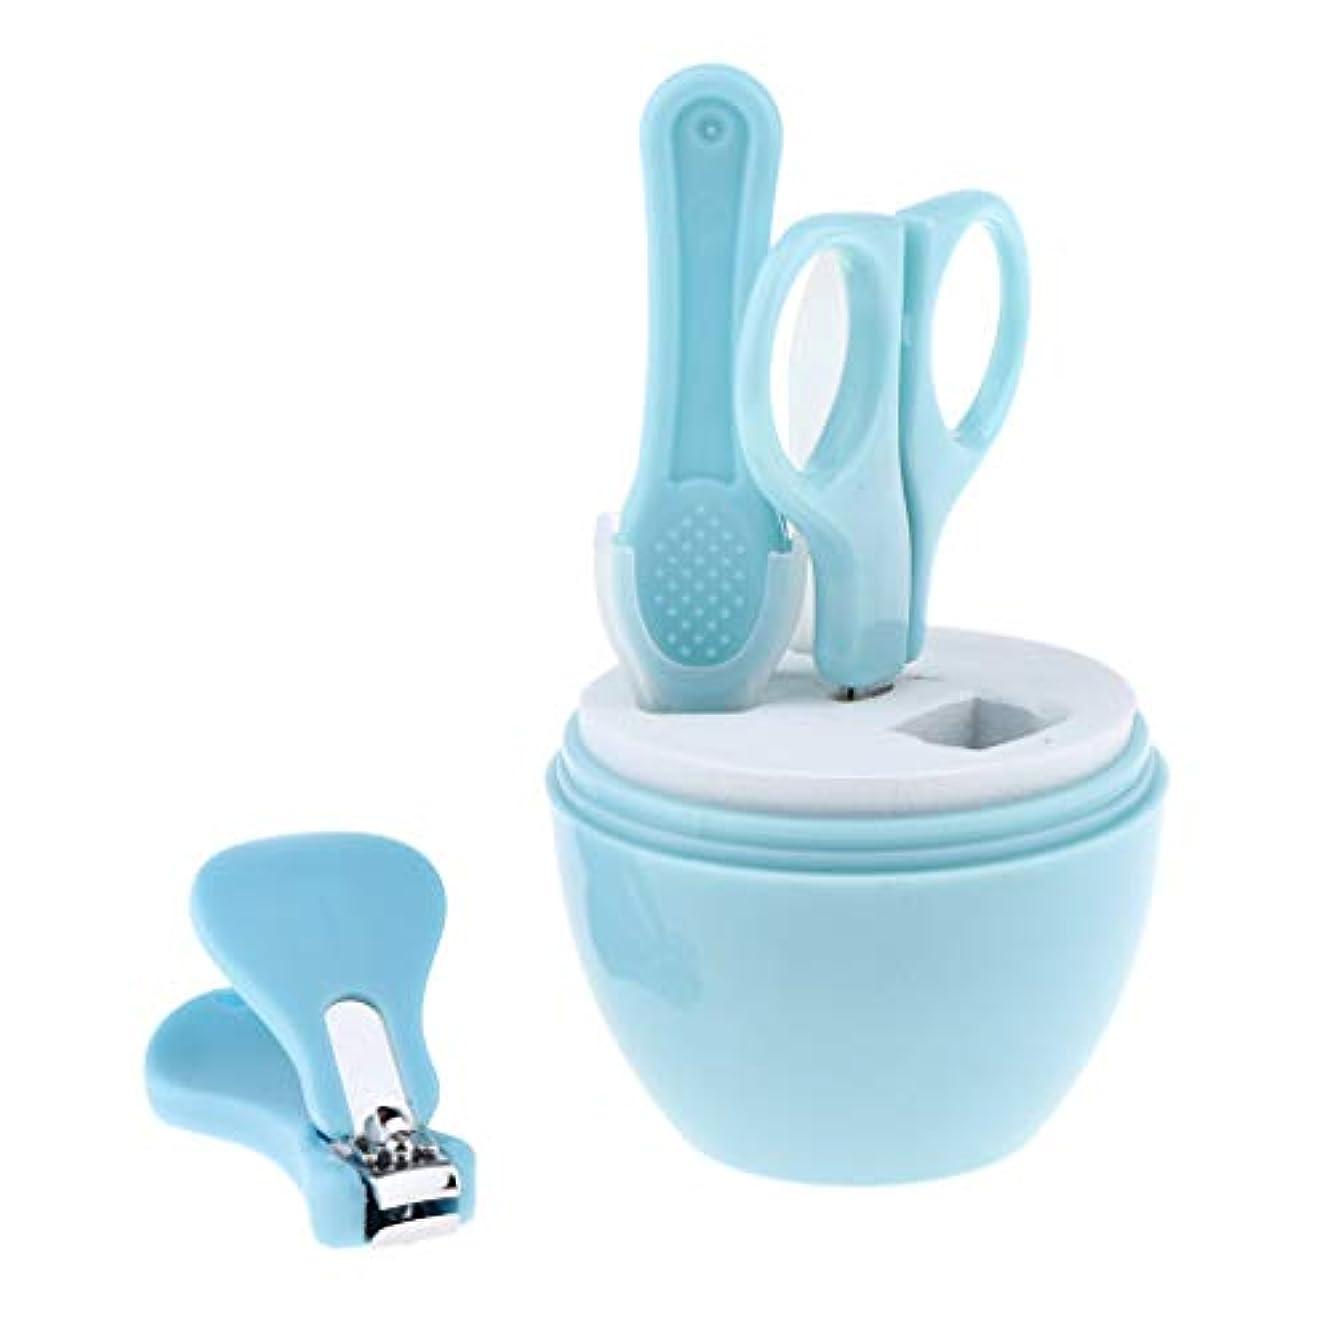 不定ライム弾性4本の実用的な赤ちゃんネイルケアセットネイルクリッパーシザーマニキュアキット - ブルー